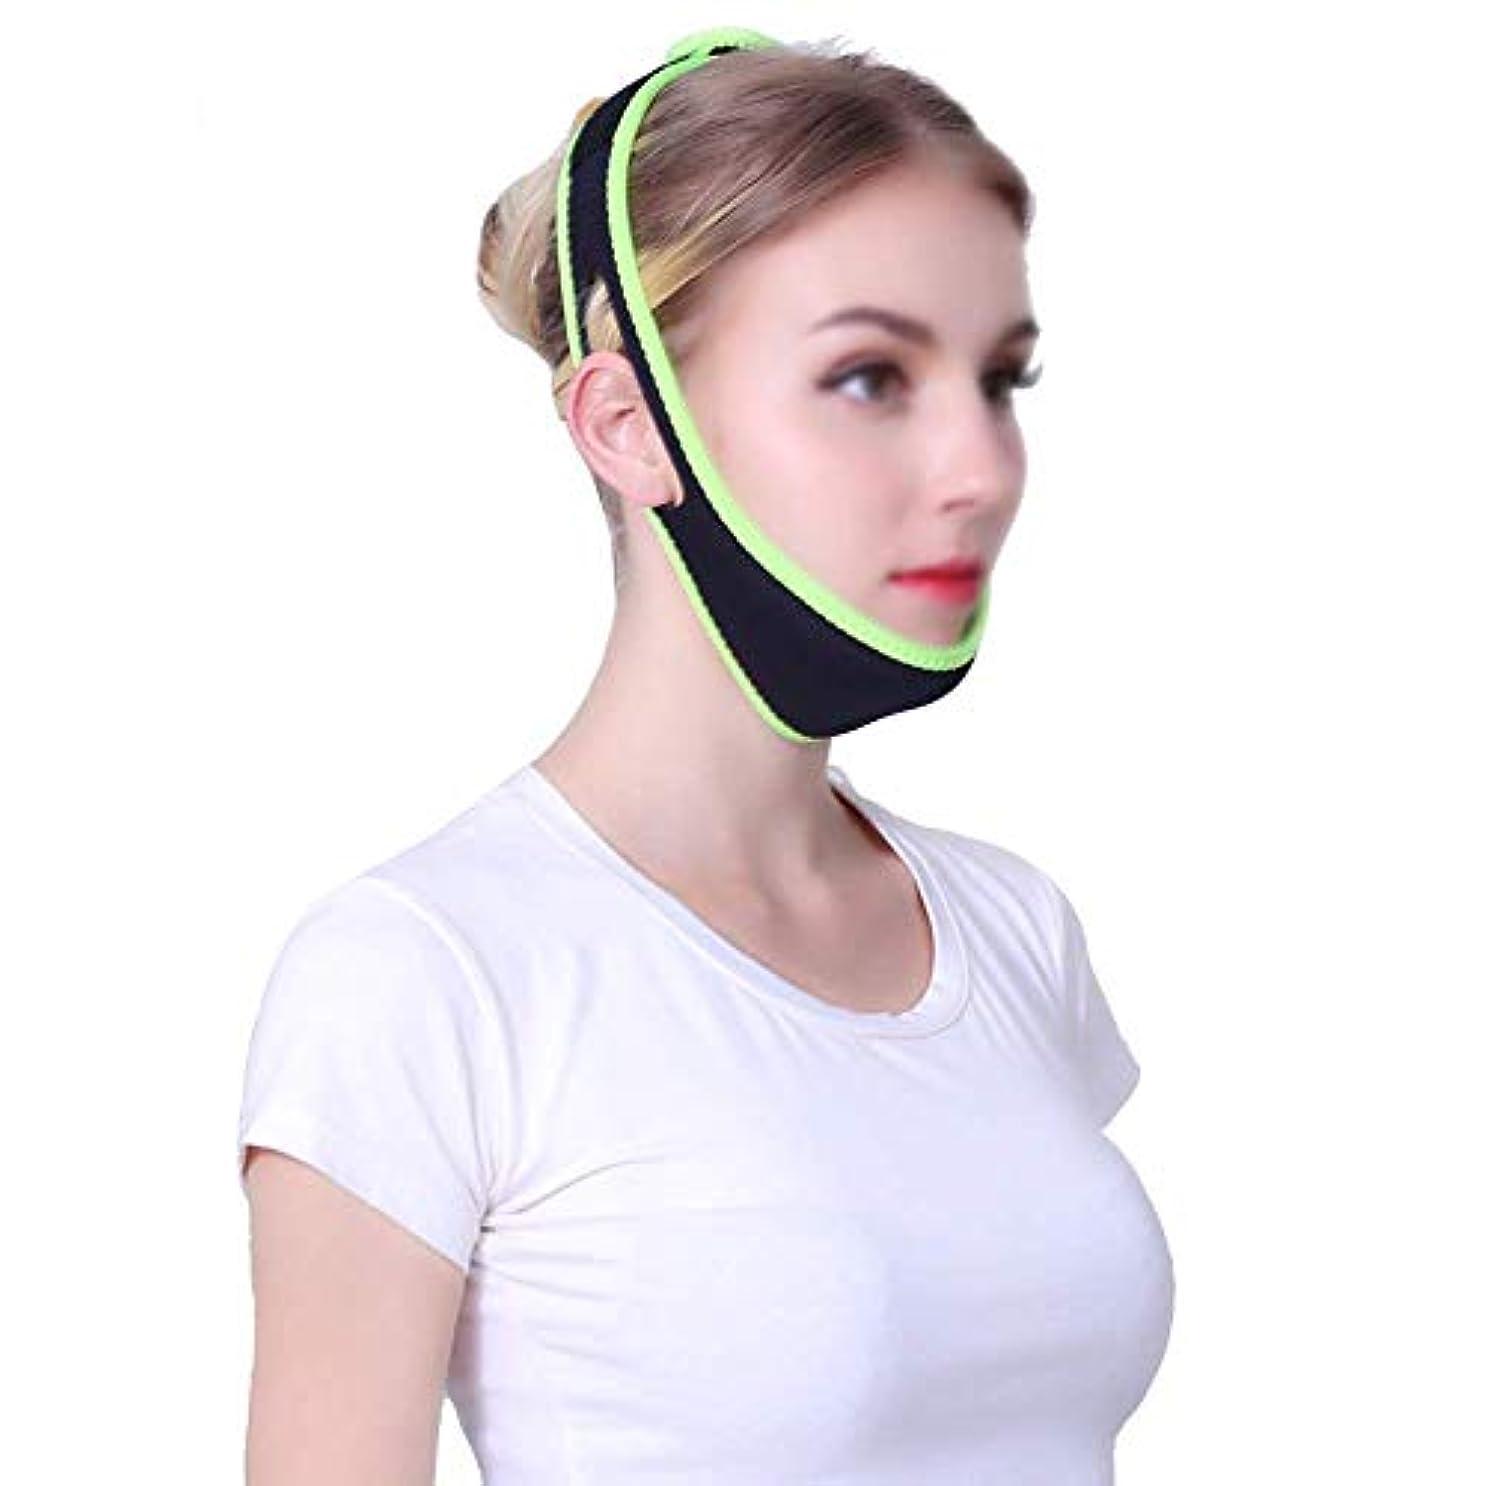 ファーミングフェイスマスク、小さなVフェイスアーティファクト睡眠薄いフェイス包帯マスクリフティングマスクファーミングクリームフェイスリフトフェイスメロンフェイス楽器